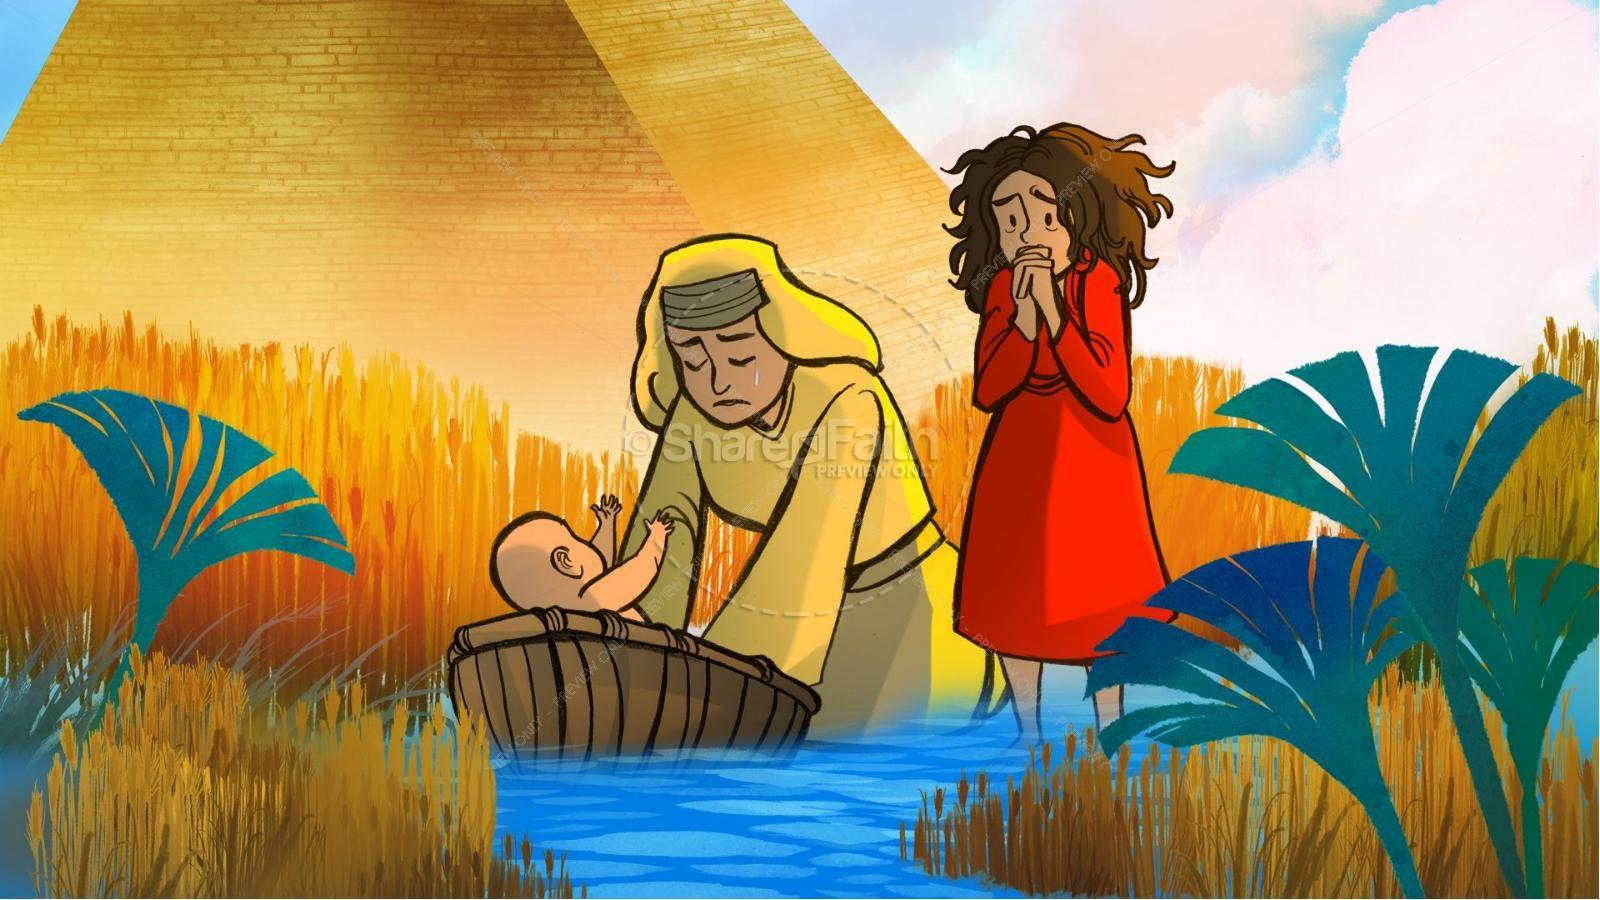 Moses exodus story